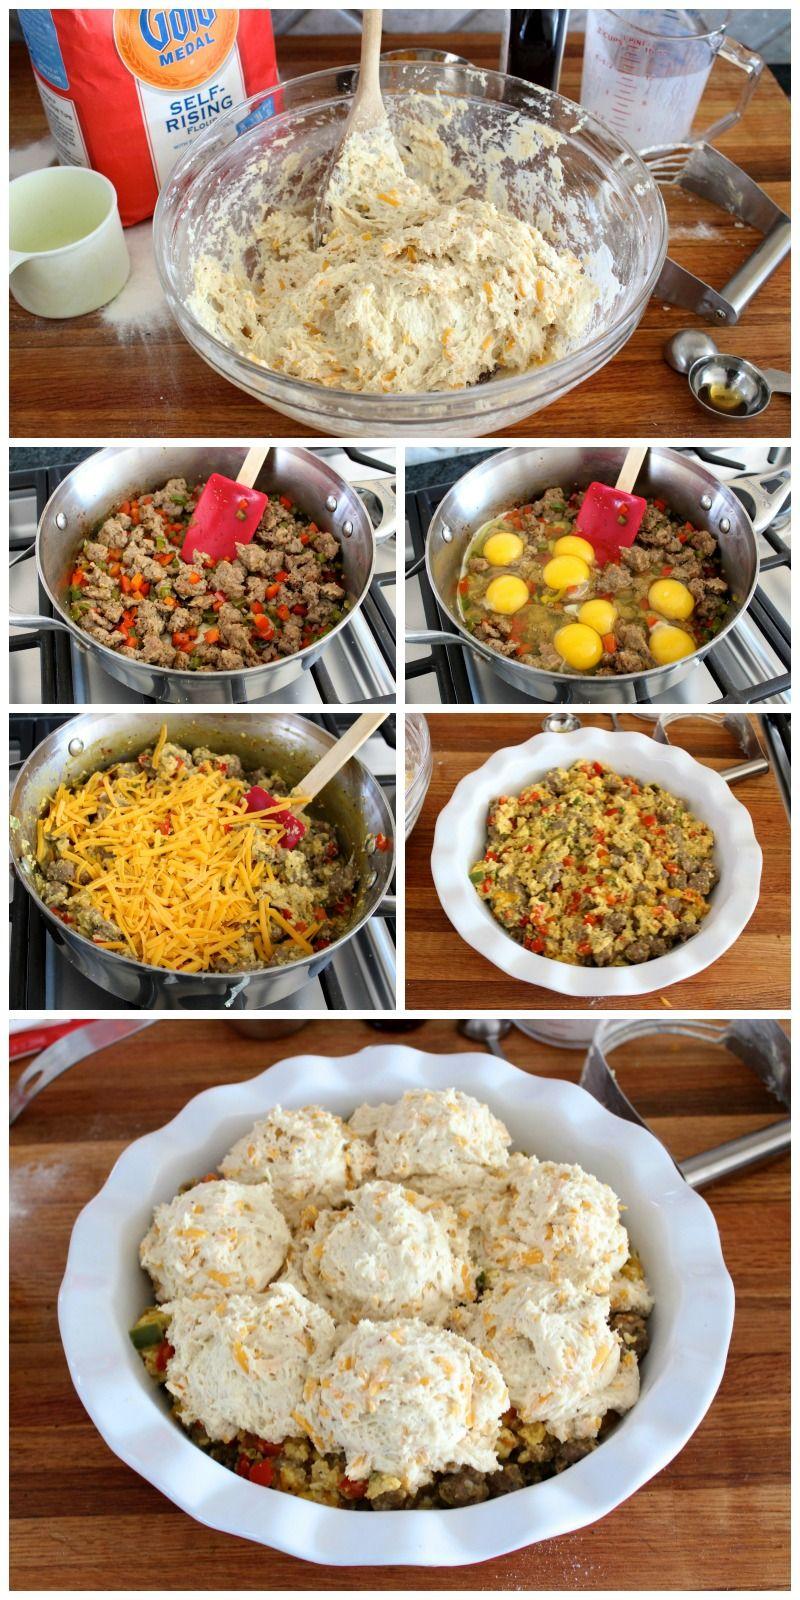 Breakfast Biscuit Pot Pie Breakfast biscuits, Biscuit